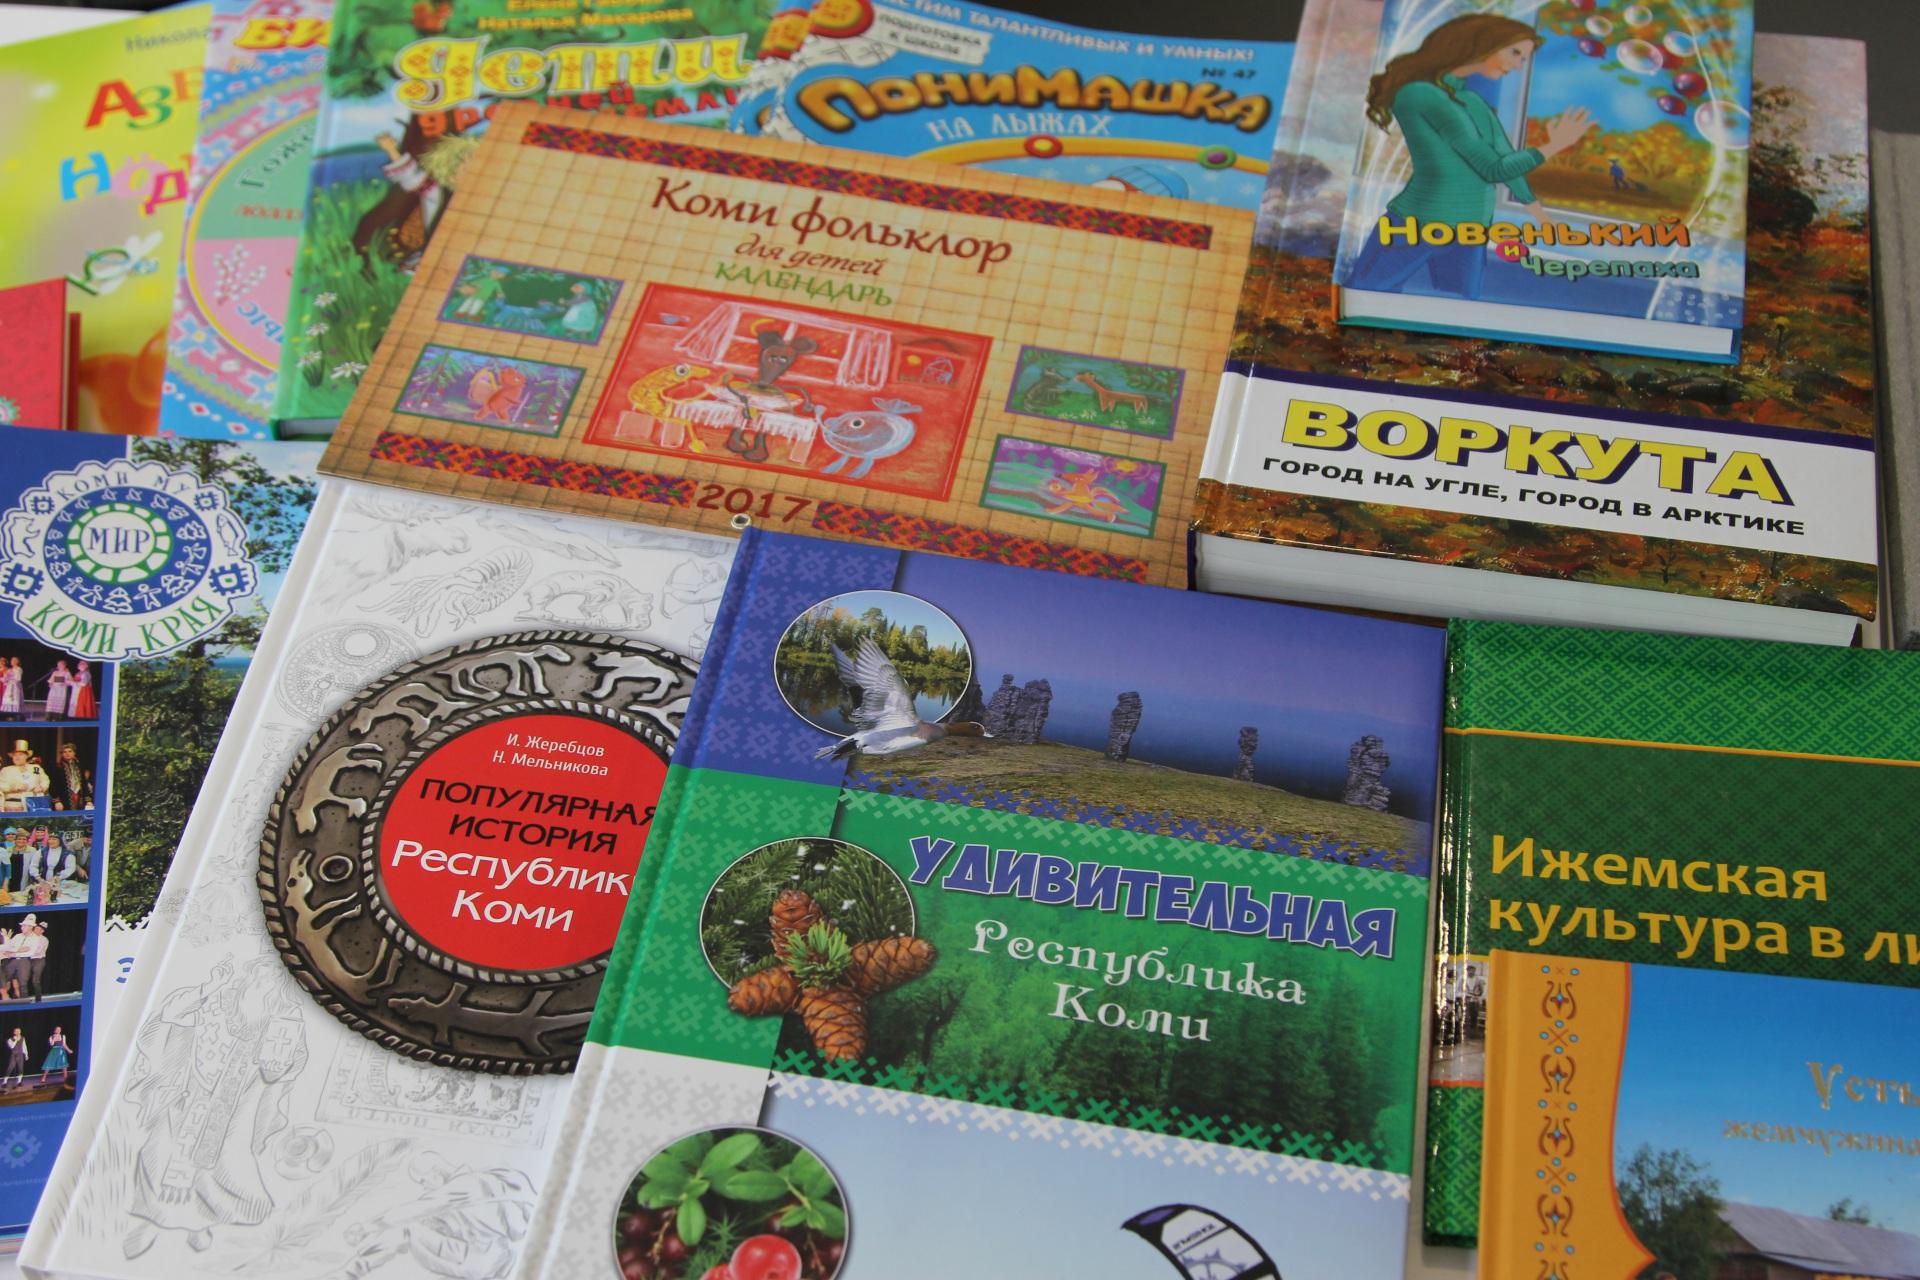 Детские издания, а также книги об истории и культуре Коми появились в одной из московских современных библиотек